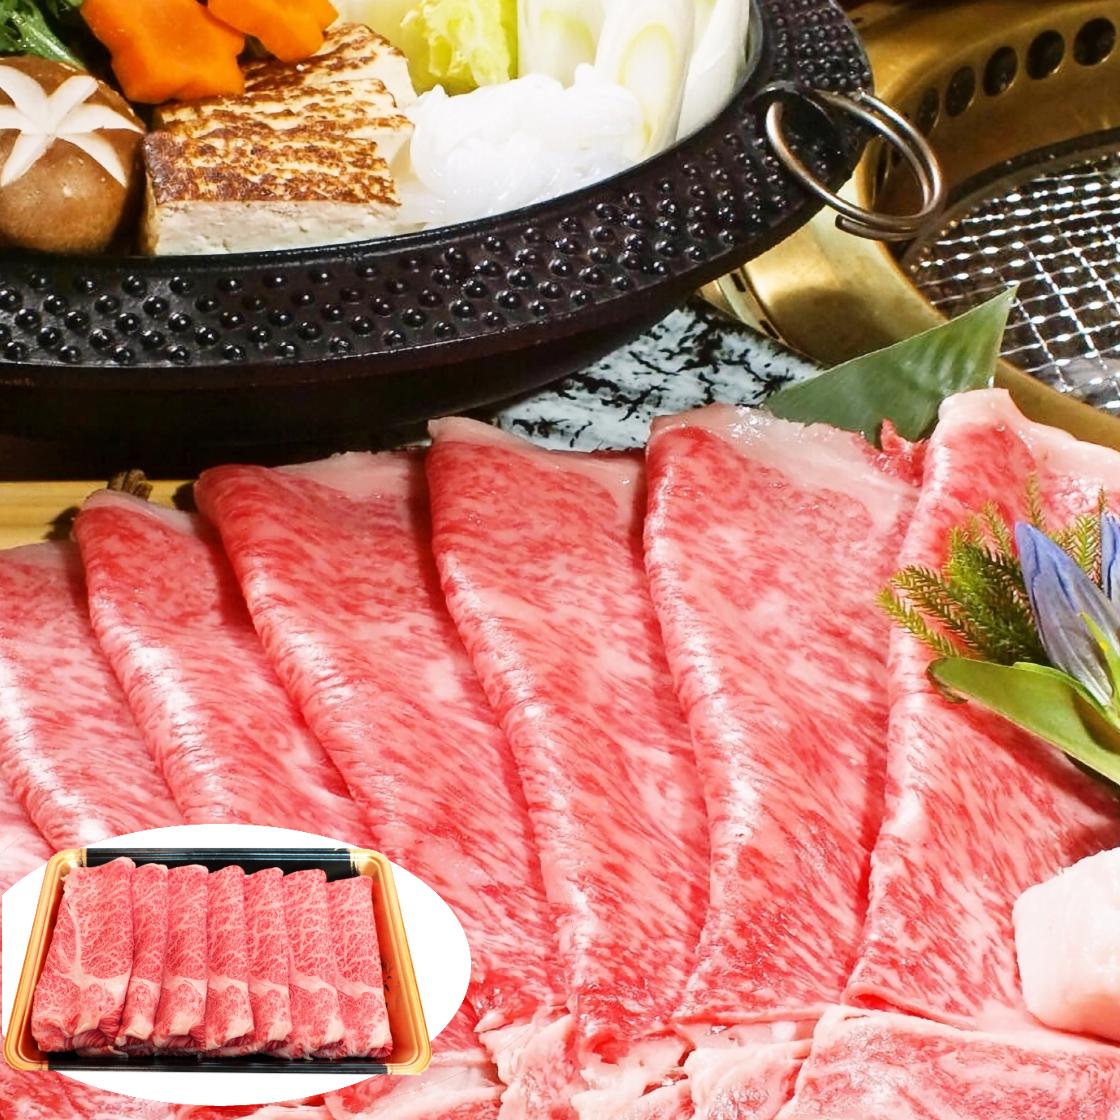 米沢牛の肩ロース!赤身と脂身のバランスが良い部位です すき焼き用画像